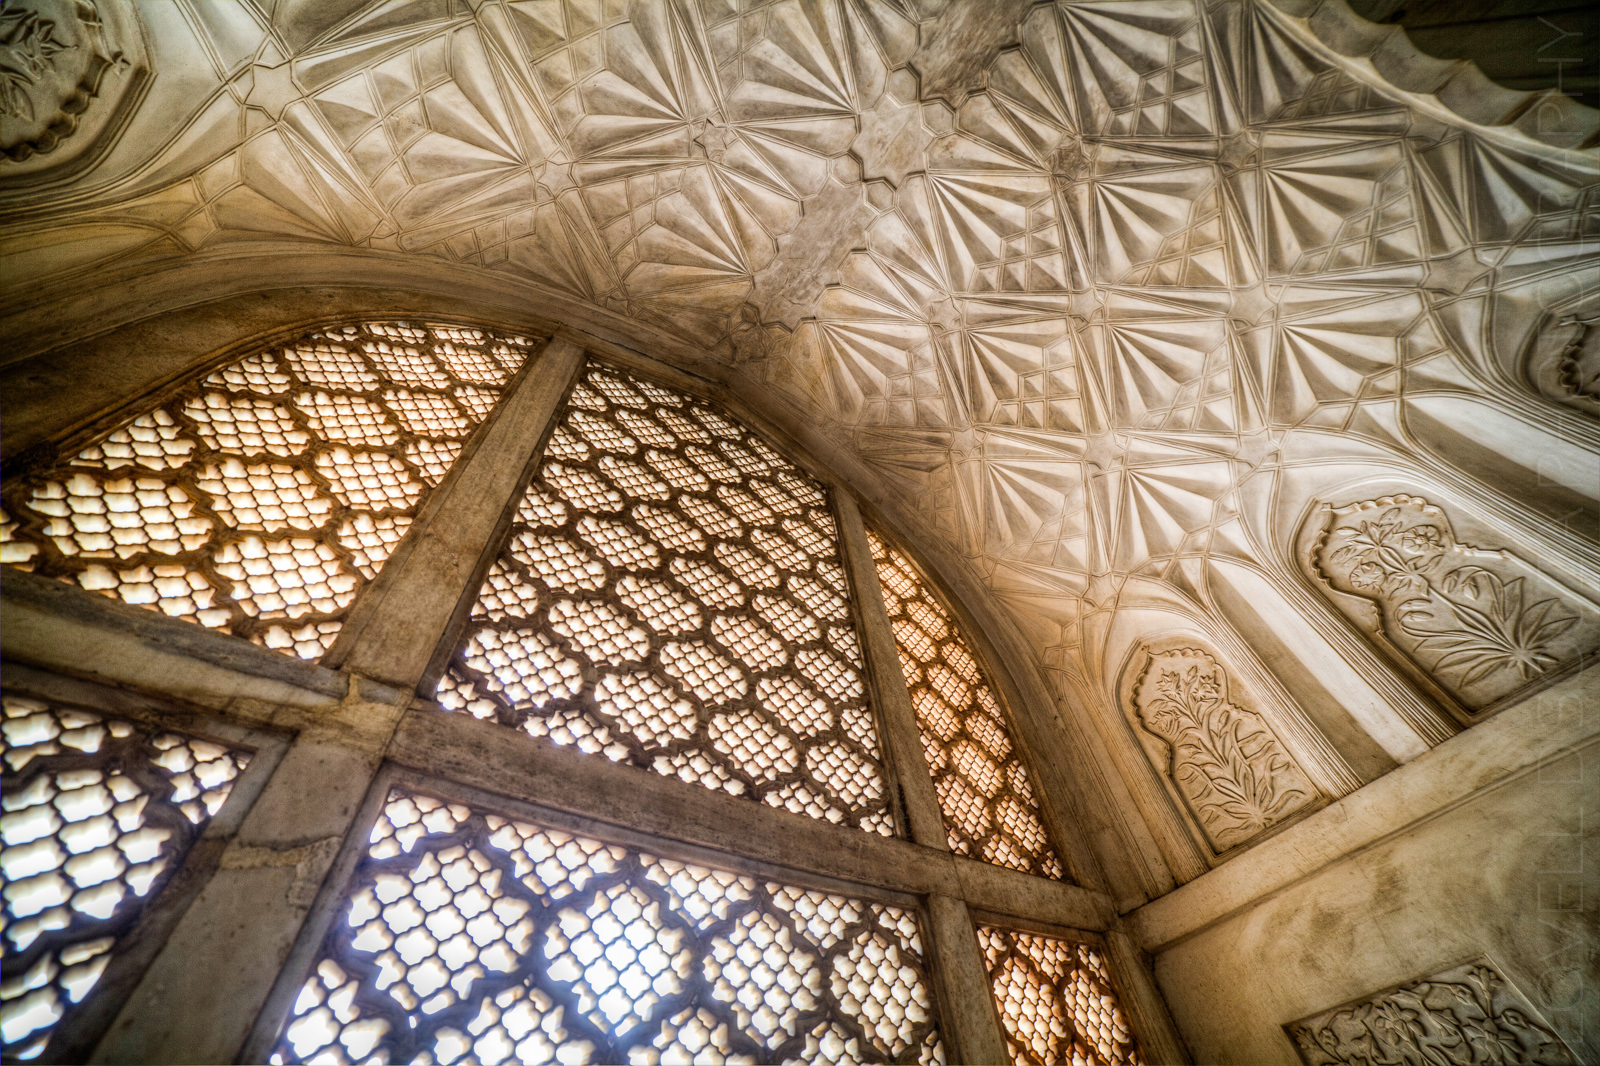 Bibi Ka Maqbara - The Marbled Screen and Ceiling